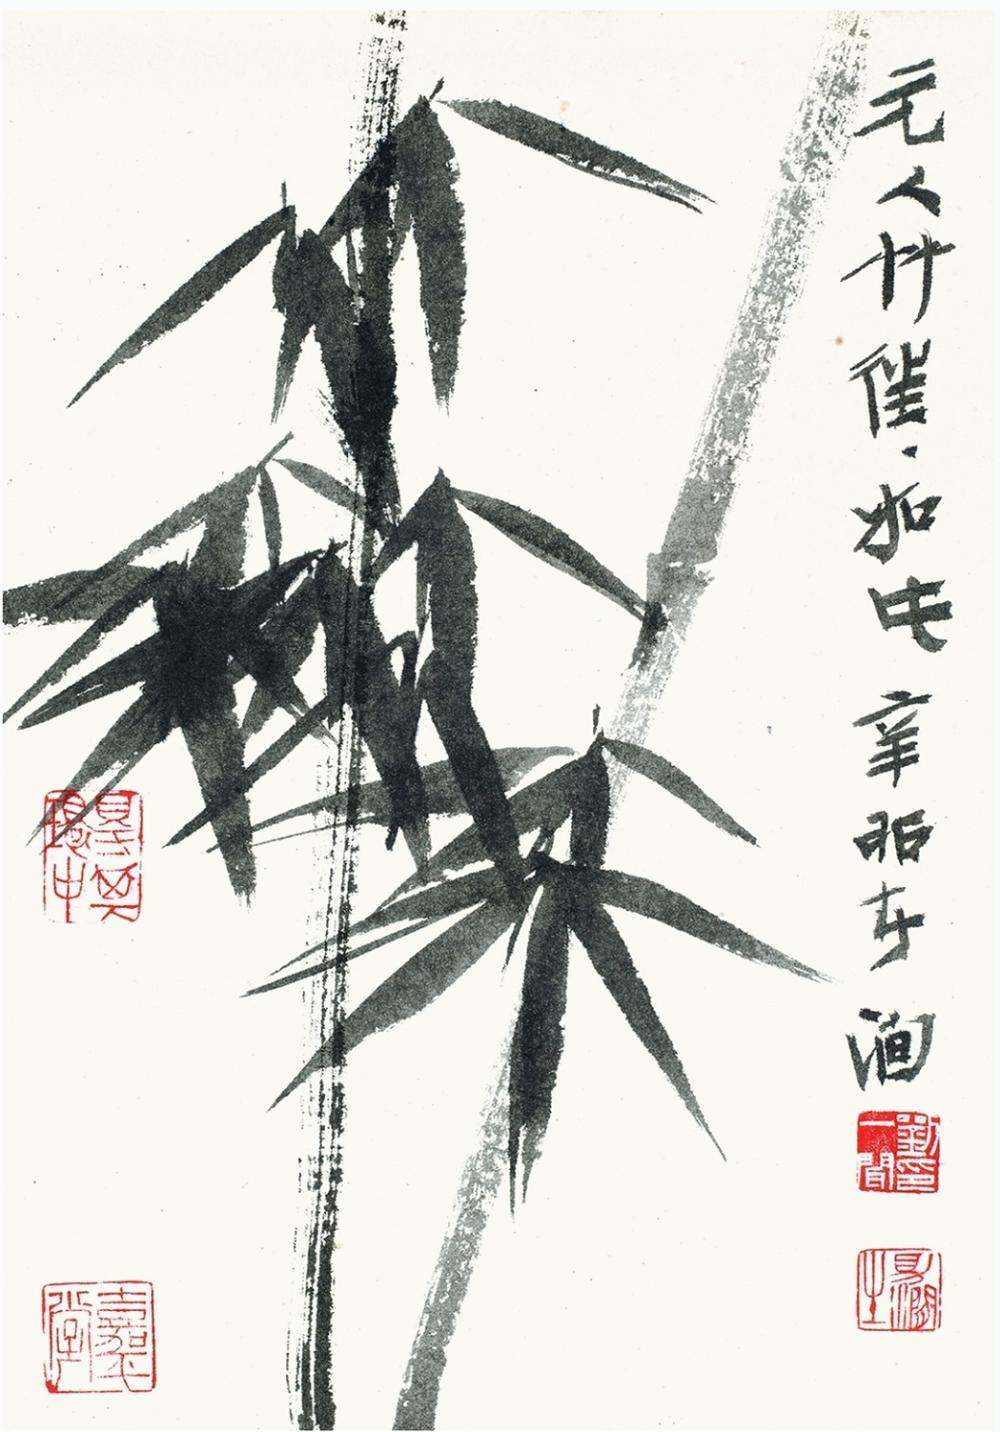 一次推出三本新著,海派名家刘一闻用这种方式庆祝70岁生日